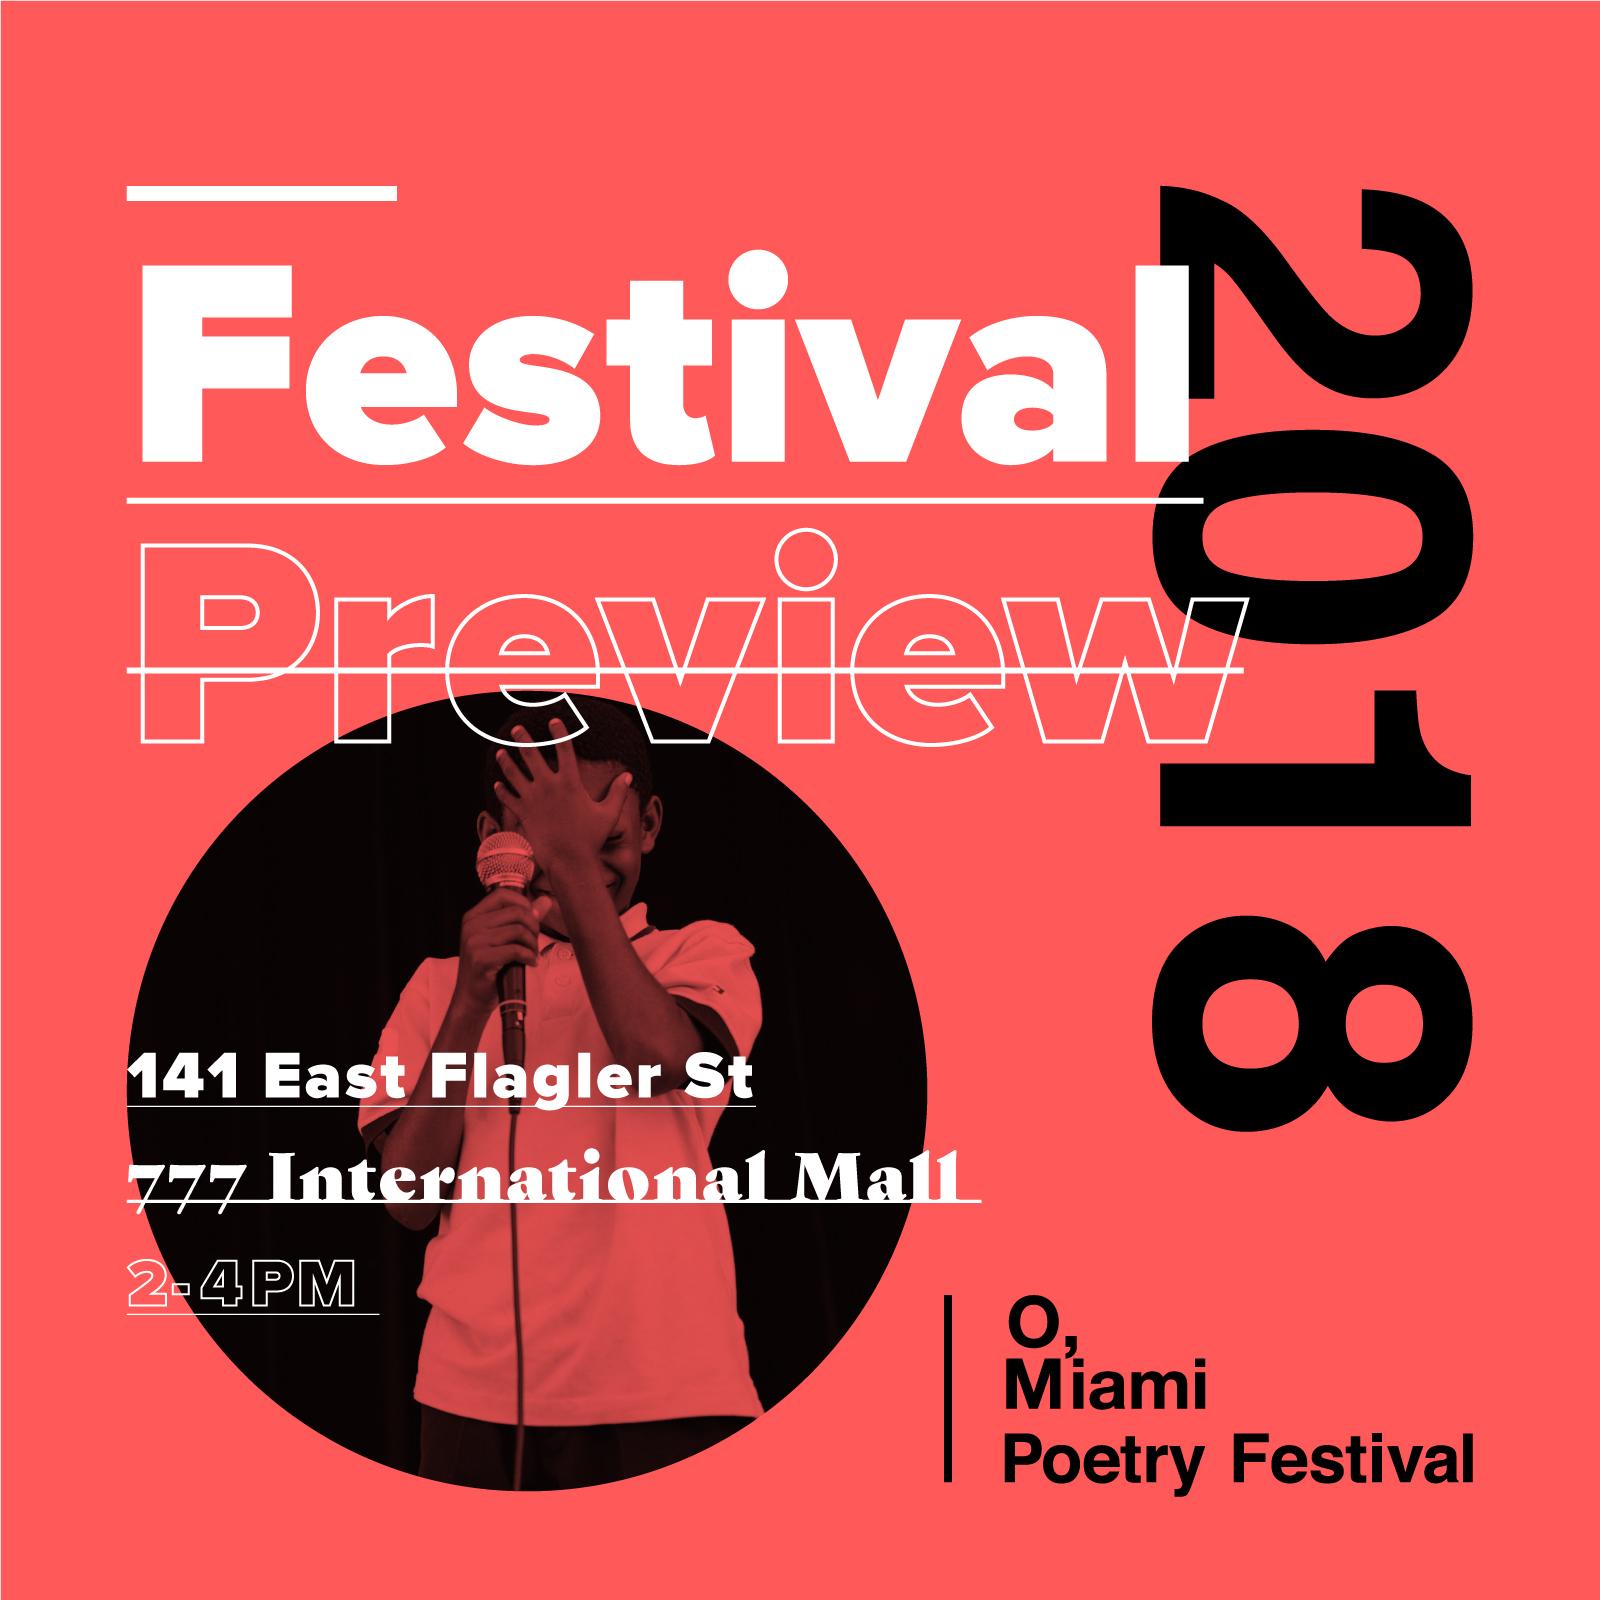 O,-Miami-FestivalPreview-2018-IG.jpg